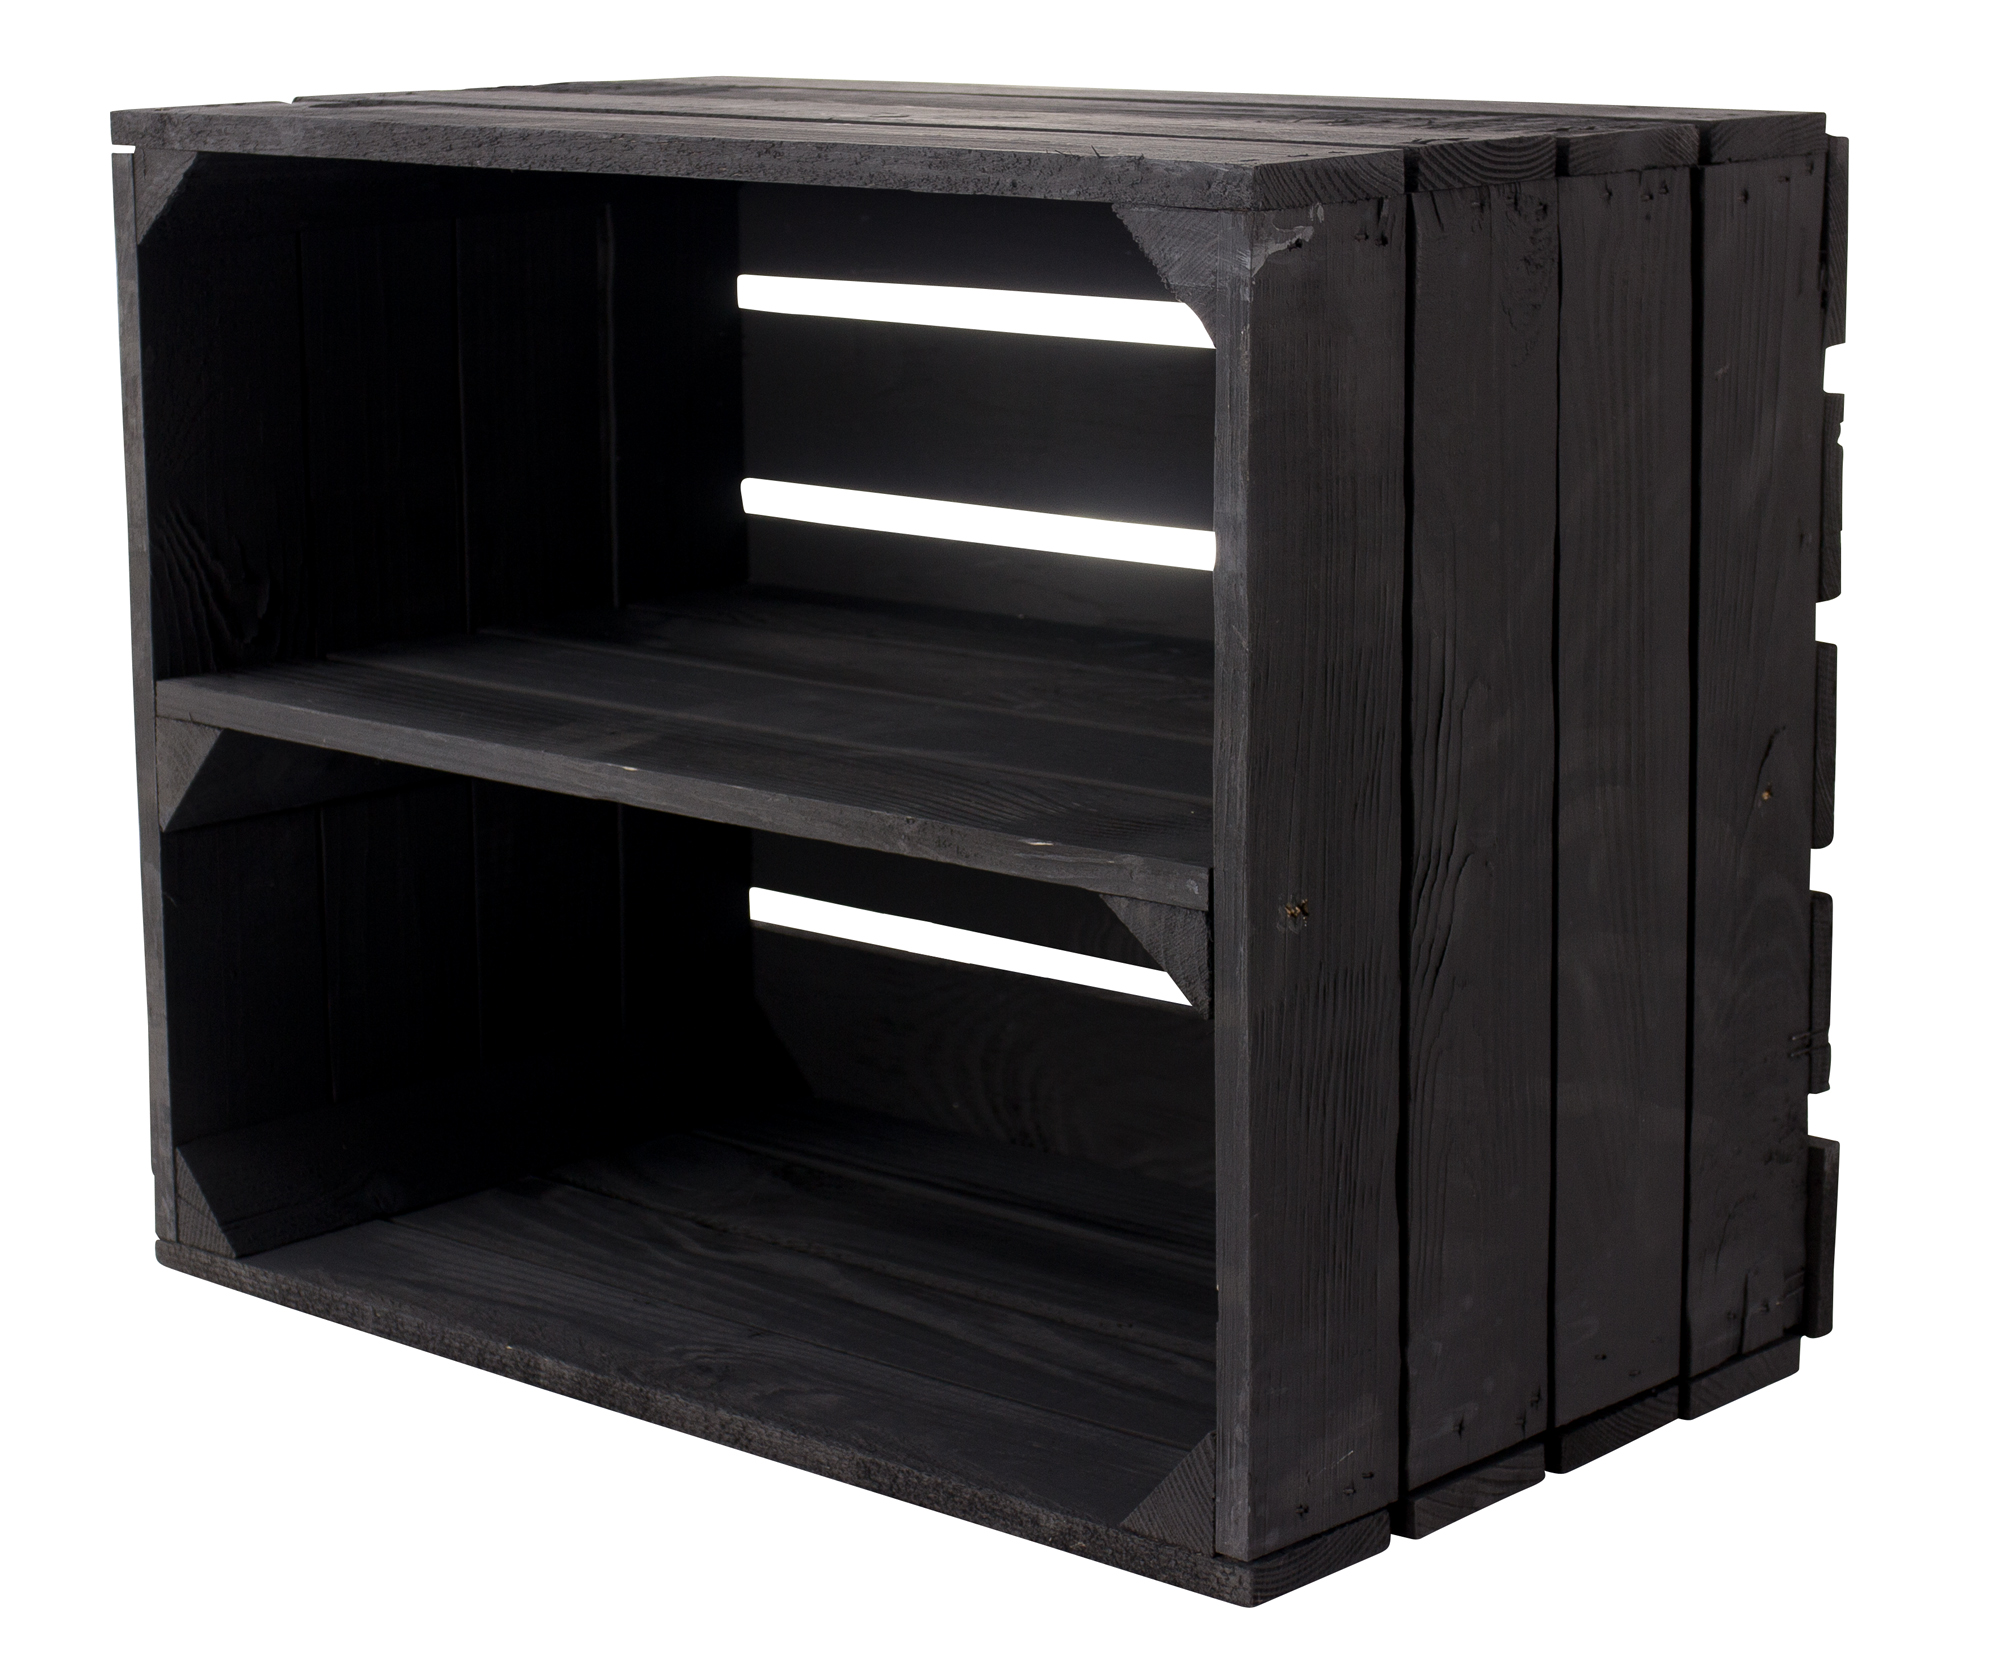 Holzkiste als Schuh- oder Bücherregal in Schwarz 50x40x30cm